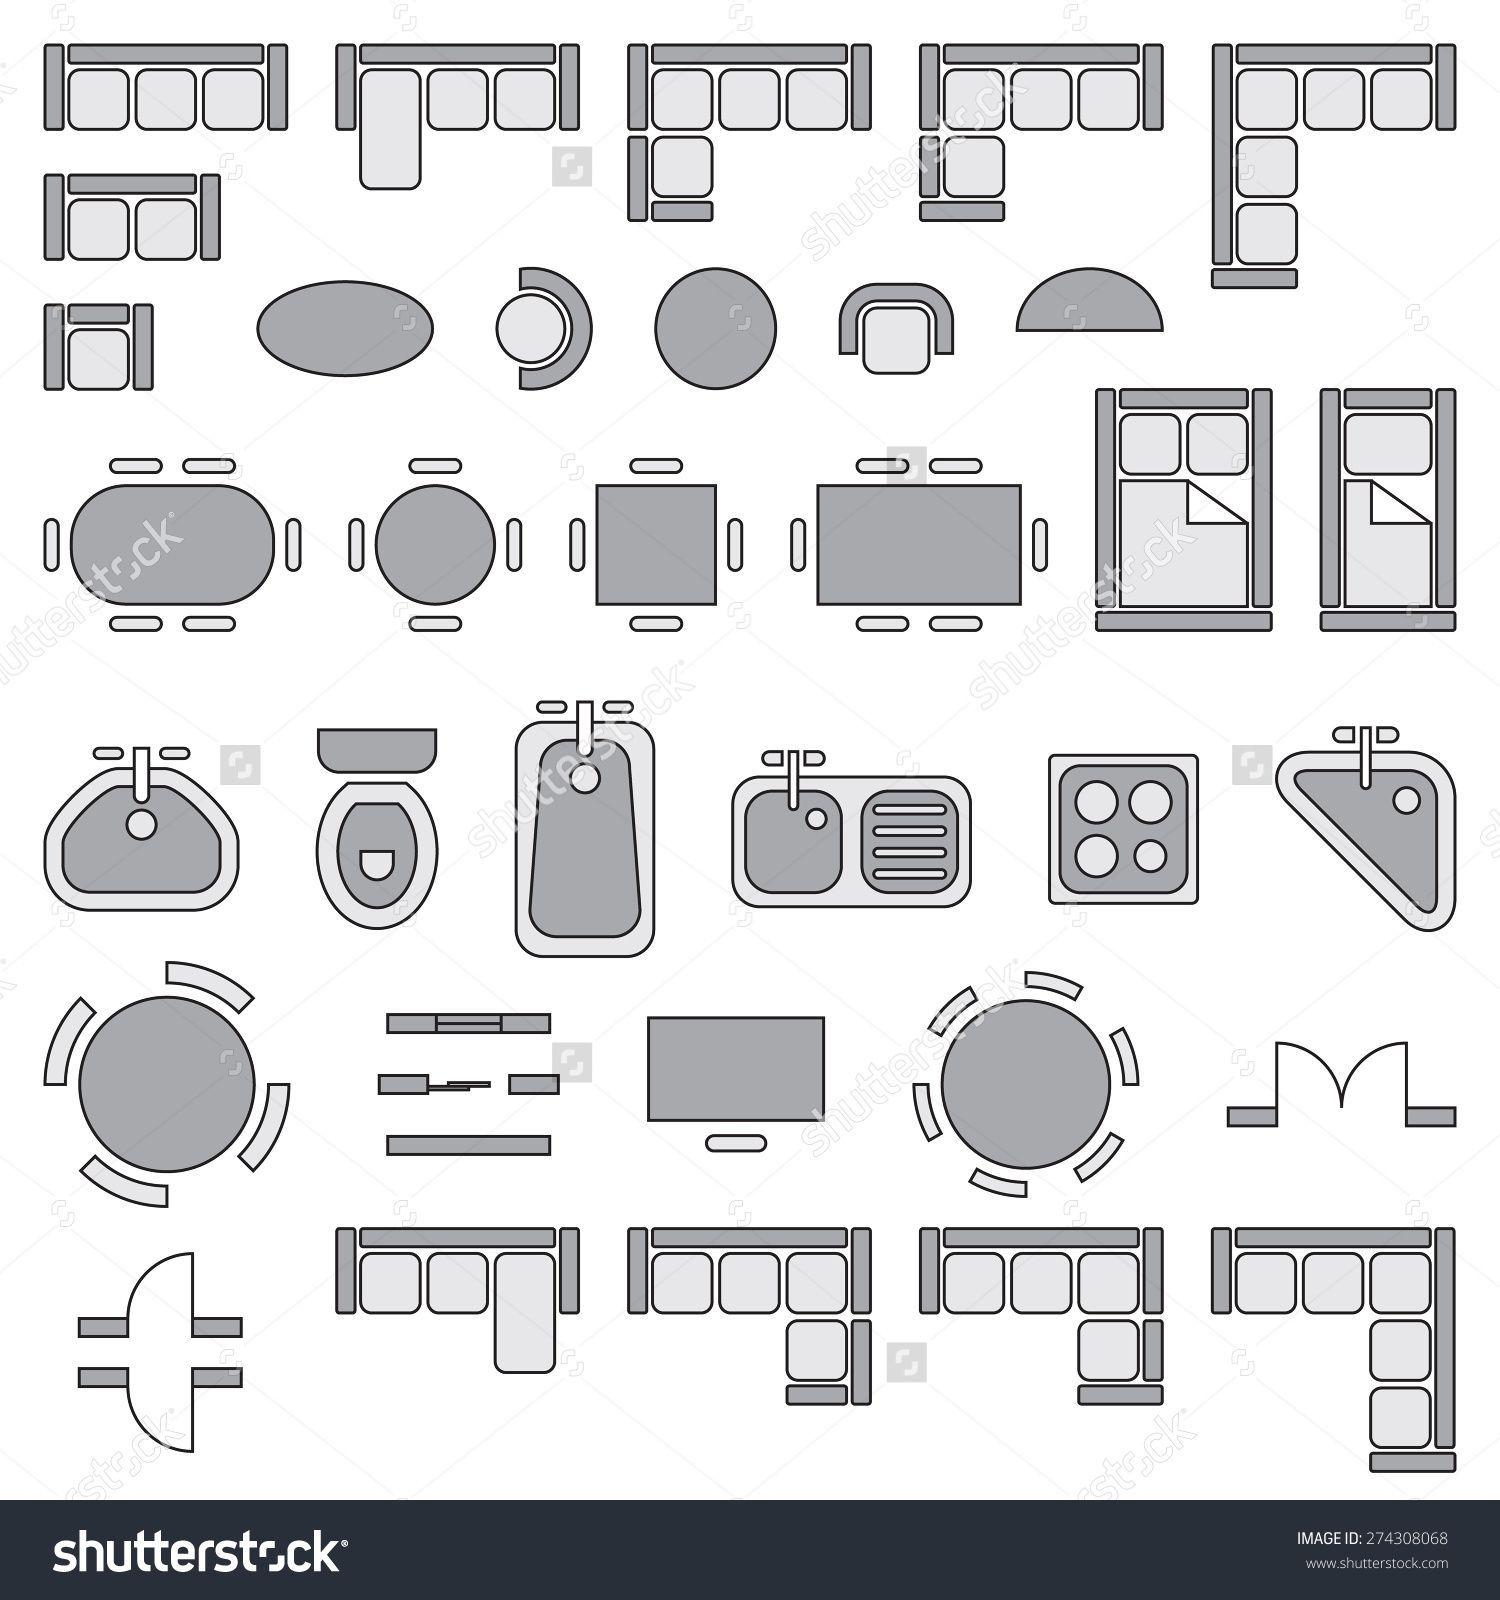 Image Result For Symbols For Household Furniture Homemade Floor Plan Symbols Architecture Symbols Standard Furniture